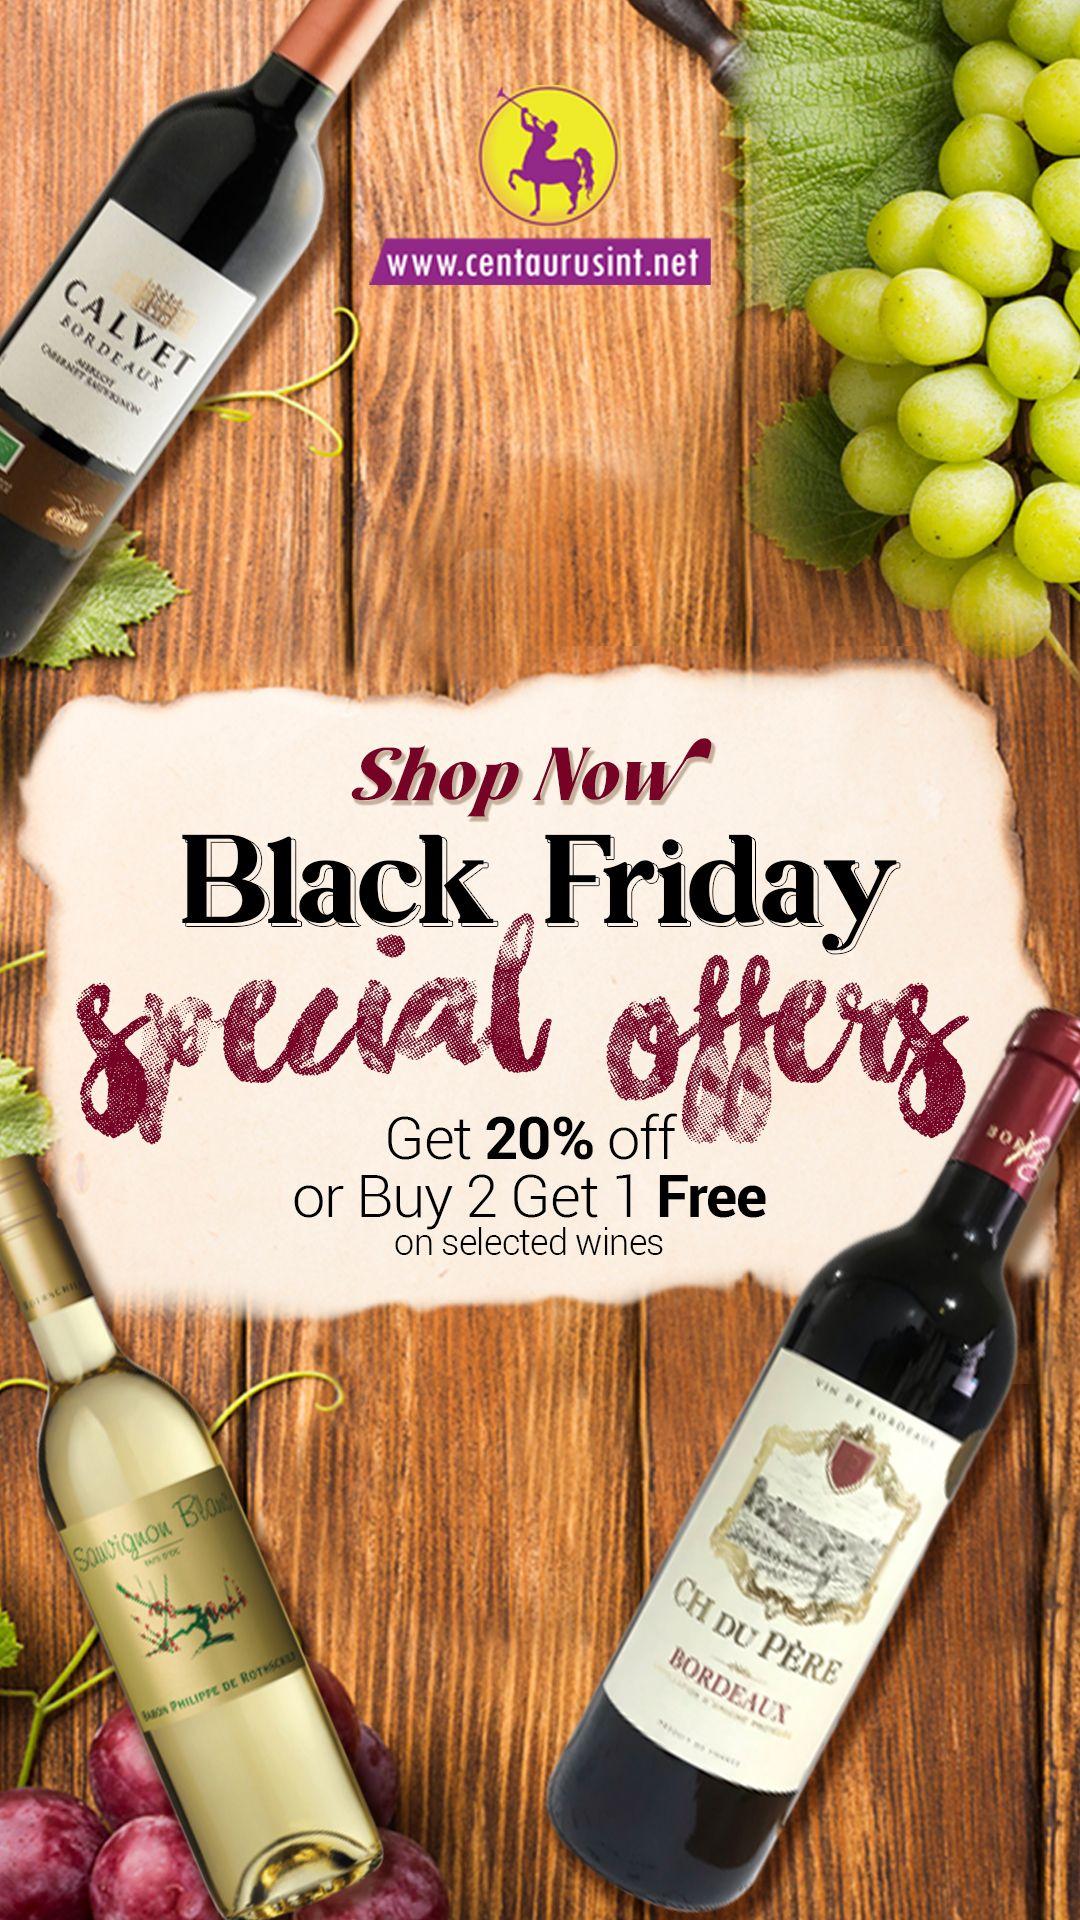 Виноградники дубае купить купить вилла в испании недорого